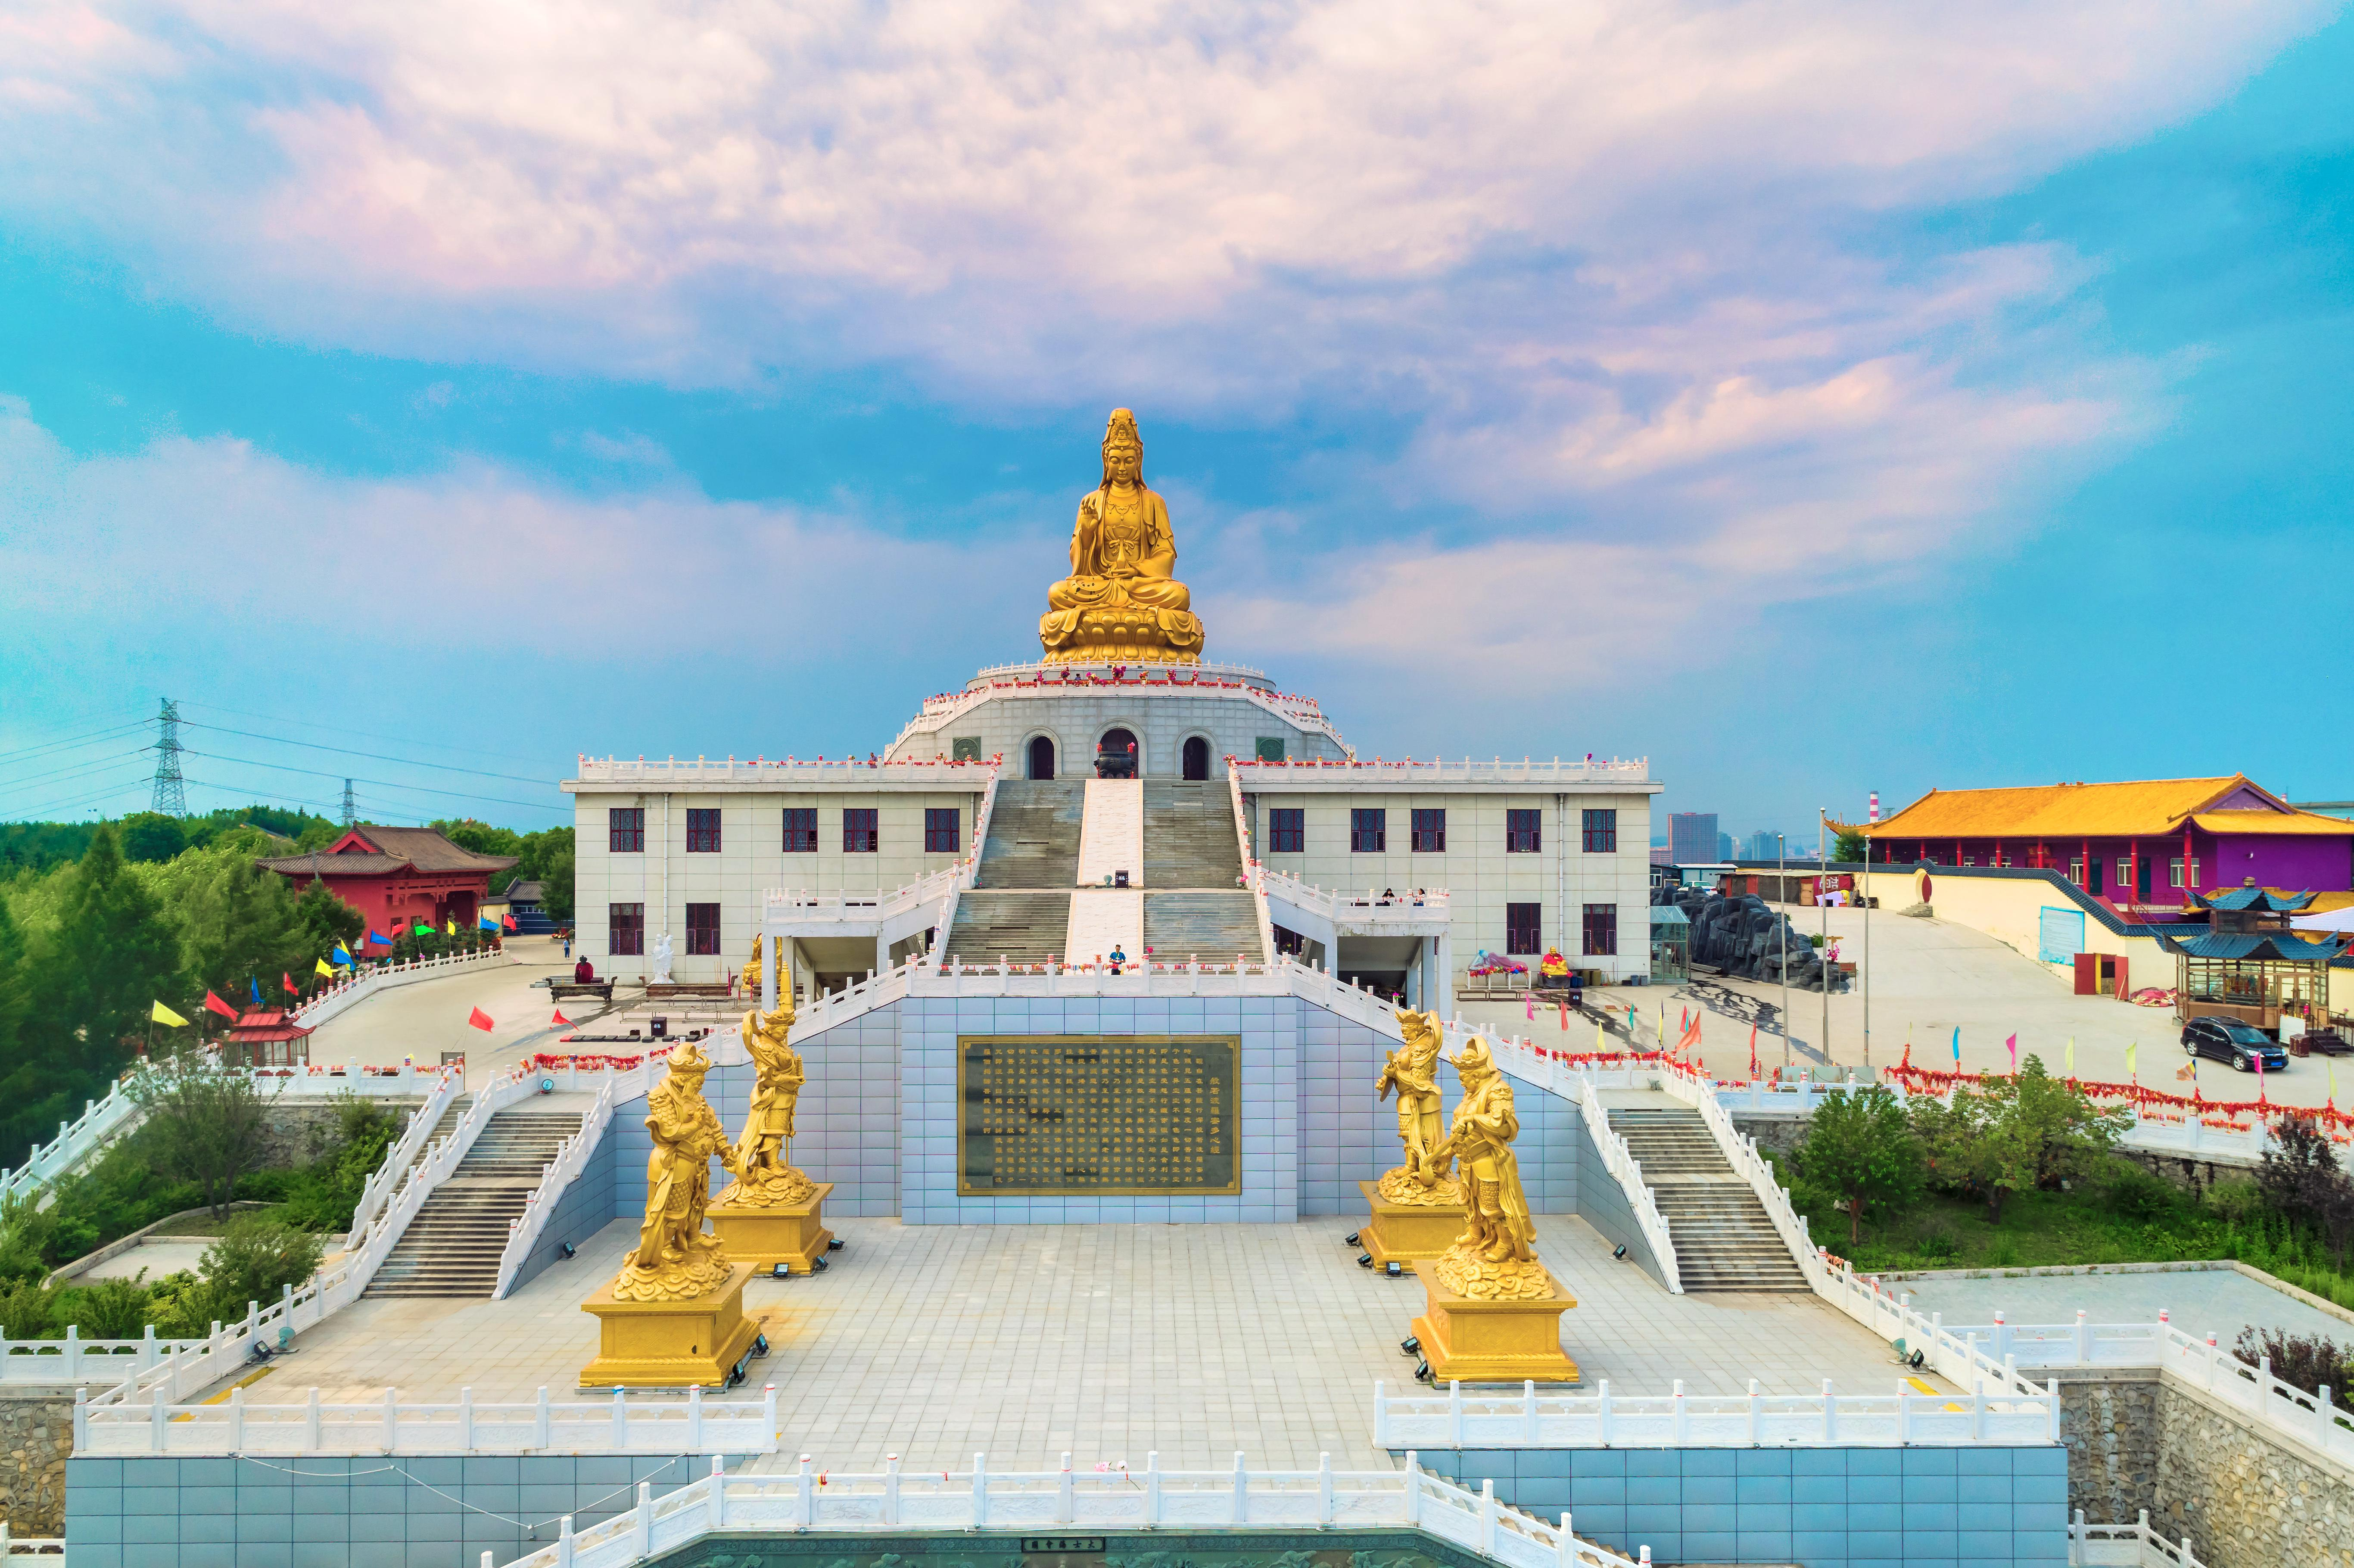 Putuoshan Religious Culture Scenic Area